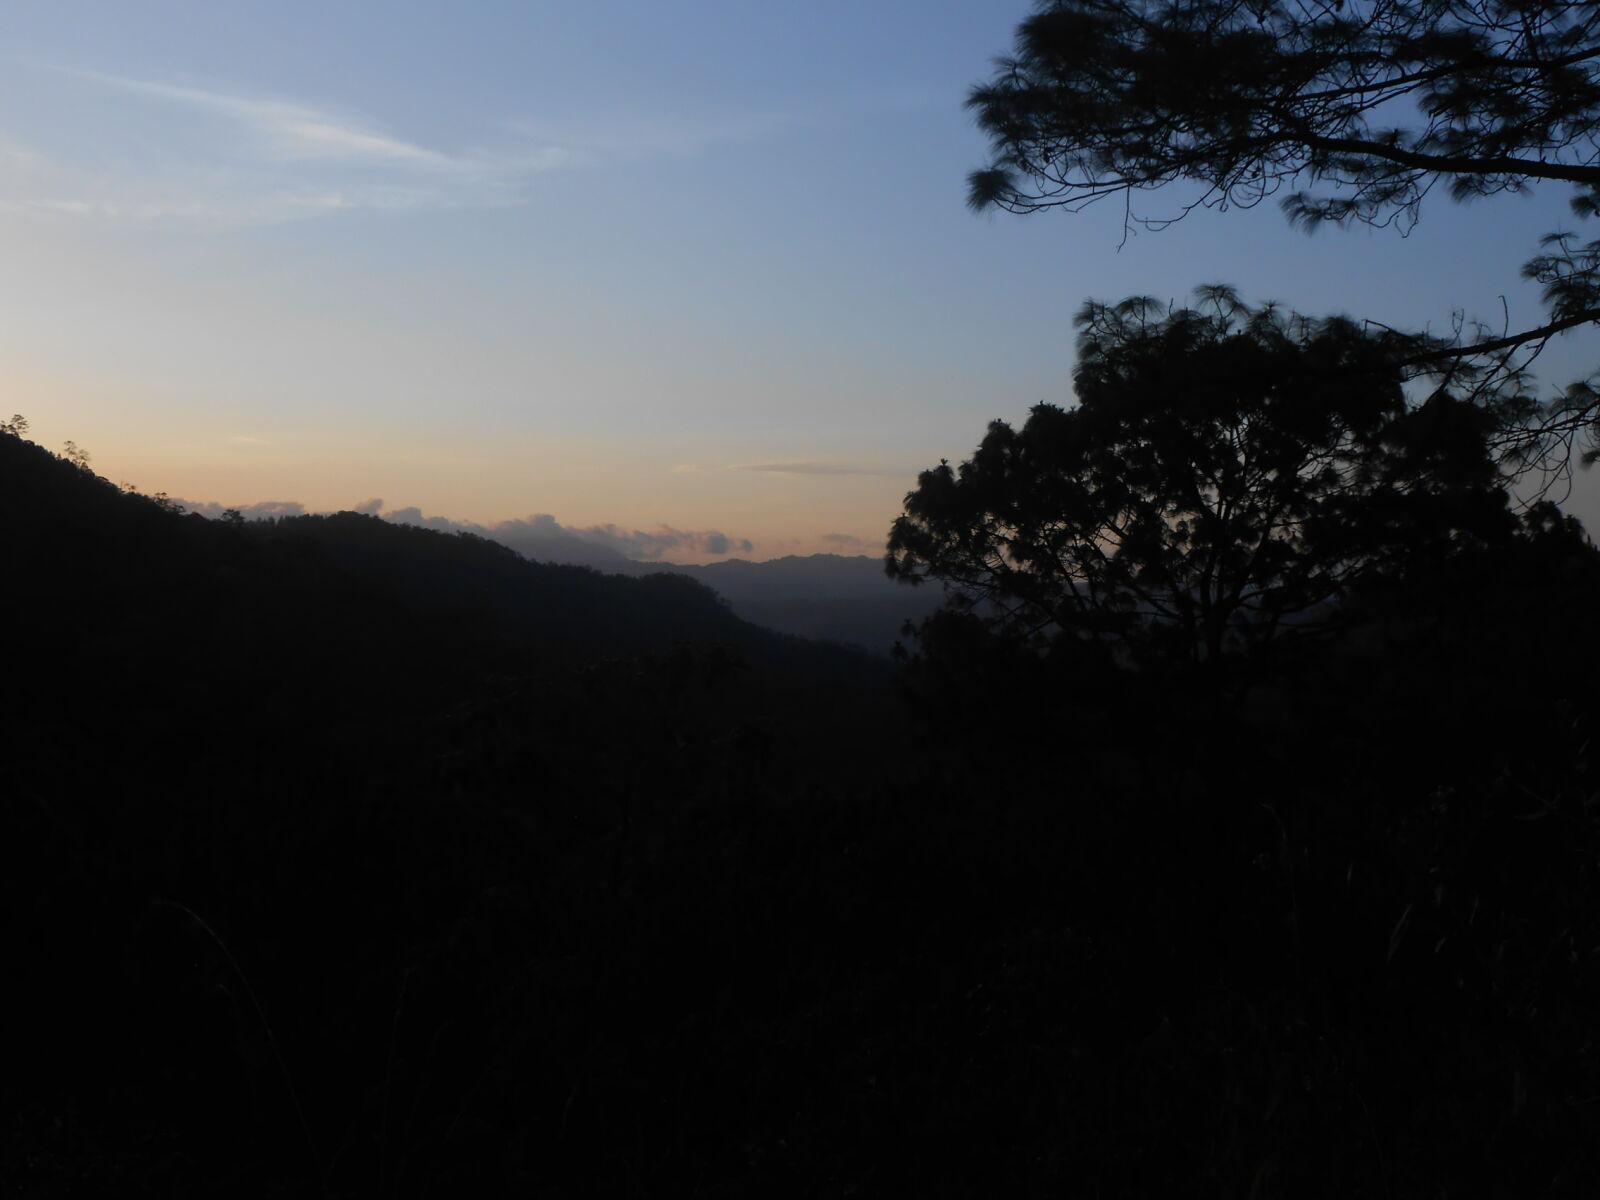 """Nikon Coolpix S4300 sample photo. """"Paisaje, landscape"""" photography"""